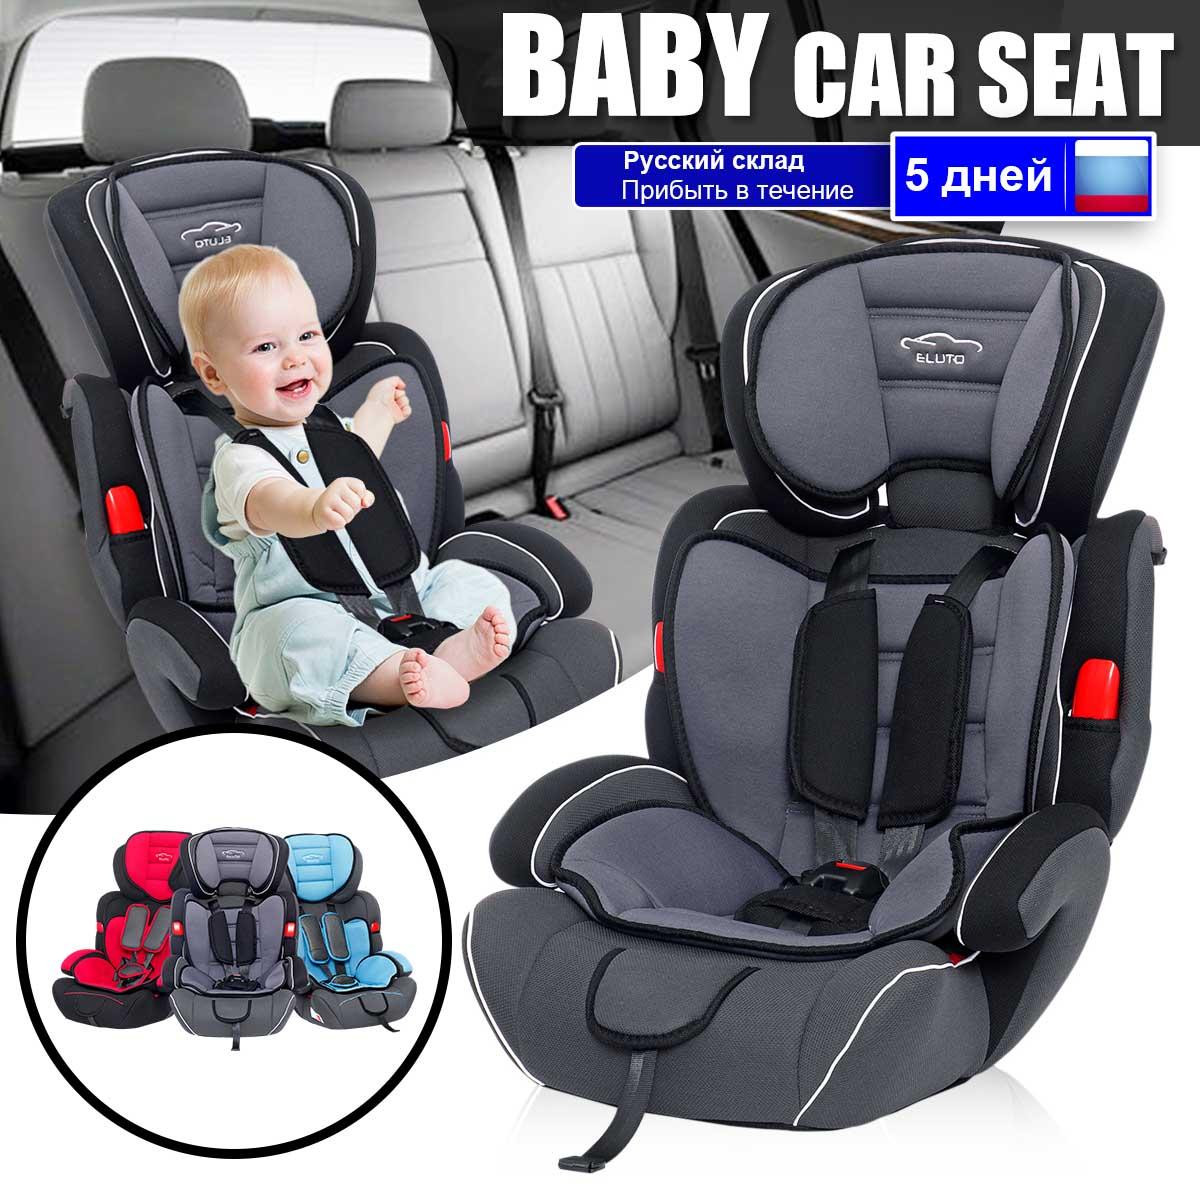 3 สีรถที่นั่งเด็กที่นั่งเด็กที่นั่งสำหรับ 9-36KG Group 1/2/3 5-จุดสายรัดเด็กBoosterที่นั่ง 9months-12years